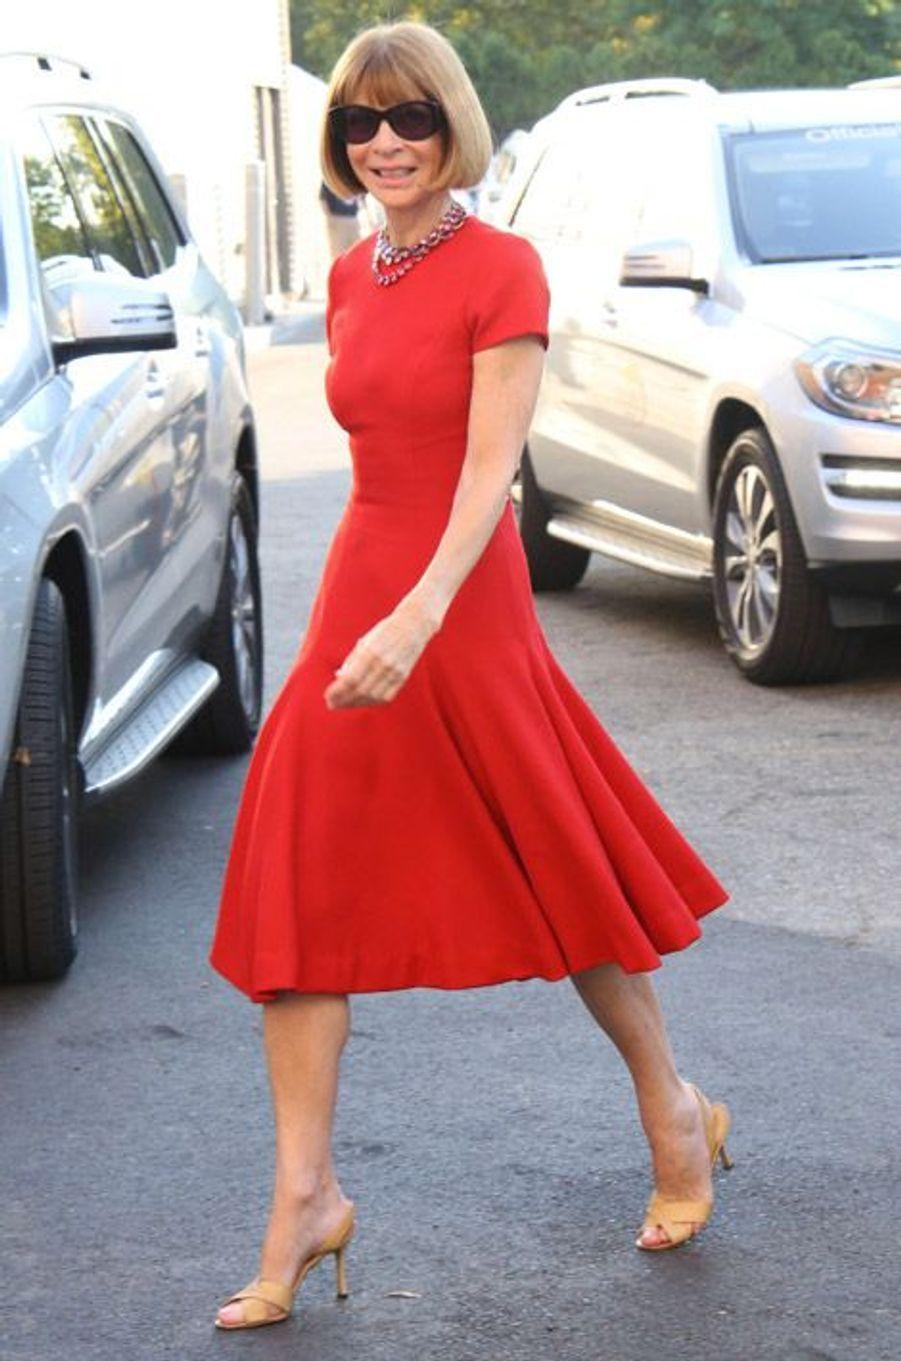 La rédactrice en chef de Vogue US, Anna Wintour, se rend à l'US Open, le 25 août 2014